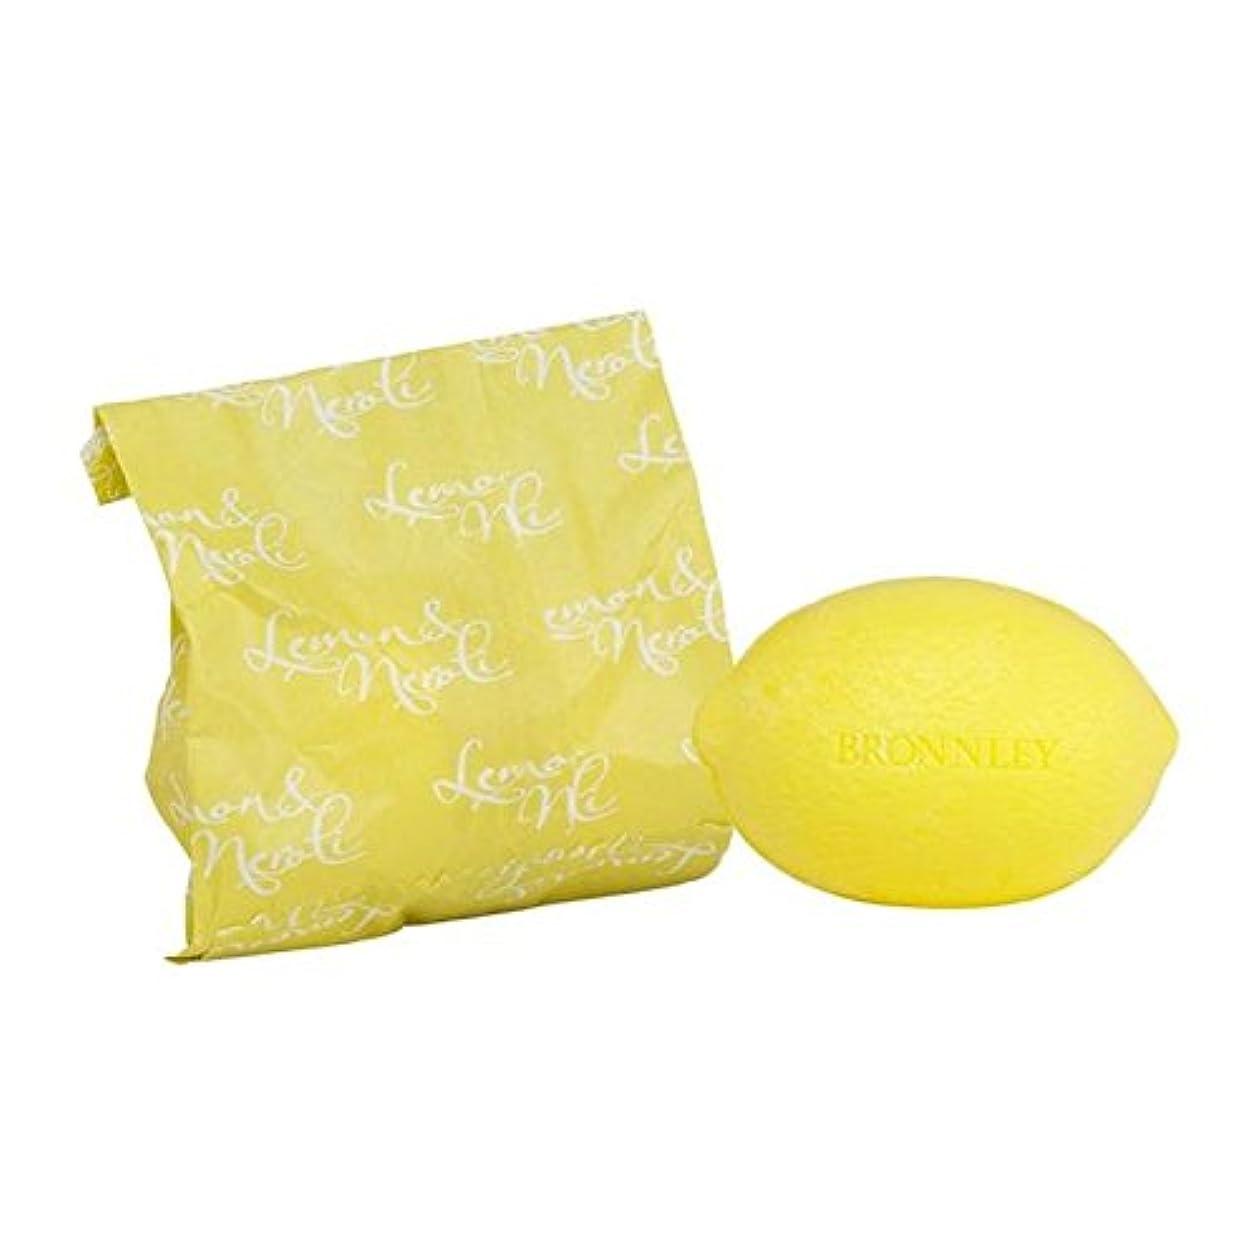 レモン&ネロリ石鹸100グラム x4 - Bronnley Lemon & Neroli Soap 100g (Pack of 4) [並行輸入品]